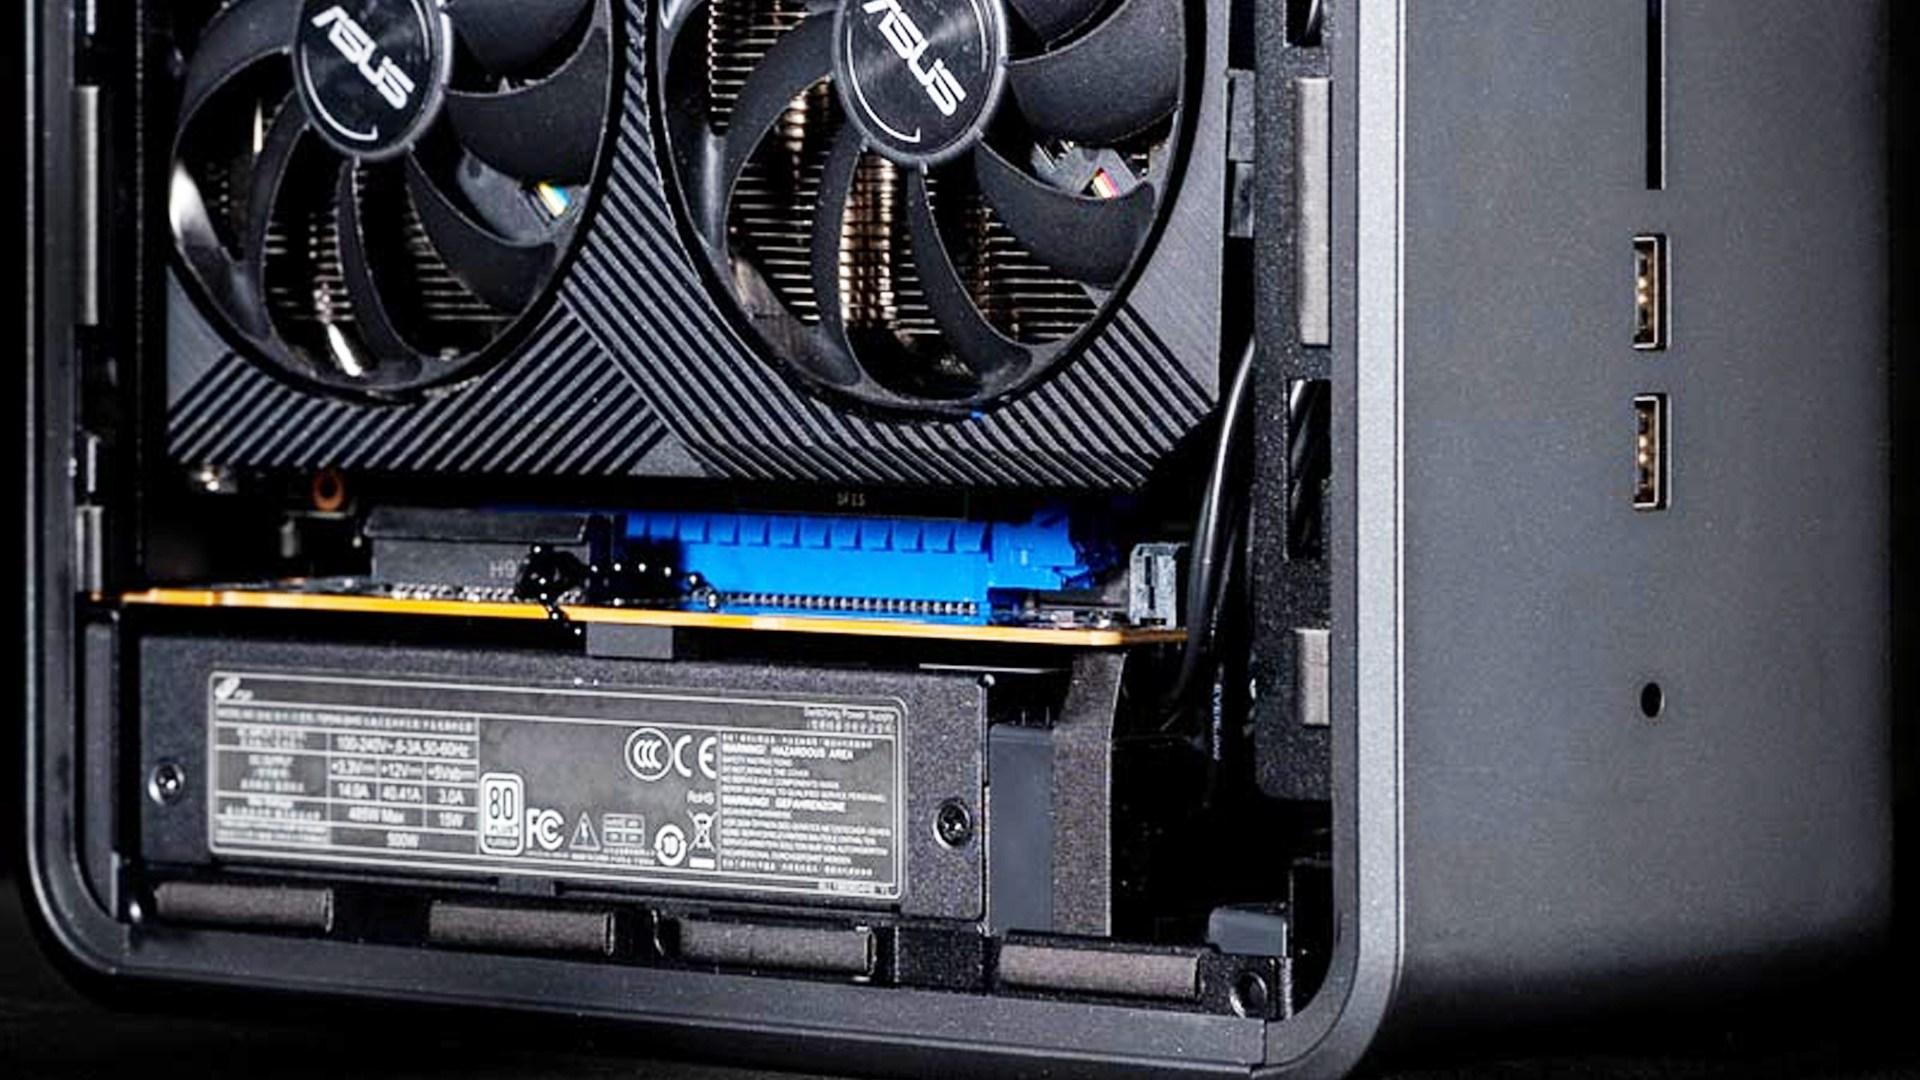 Pc, Intel, mini-pc, Desktop-PC, NUC, Compute Element, NUC 9 Extreme, NUC 9